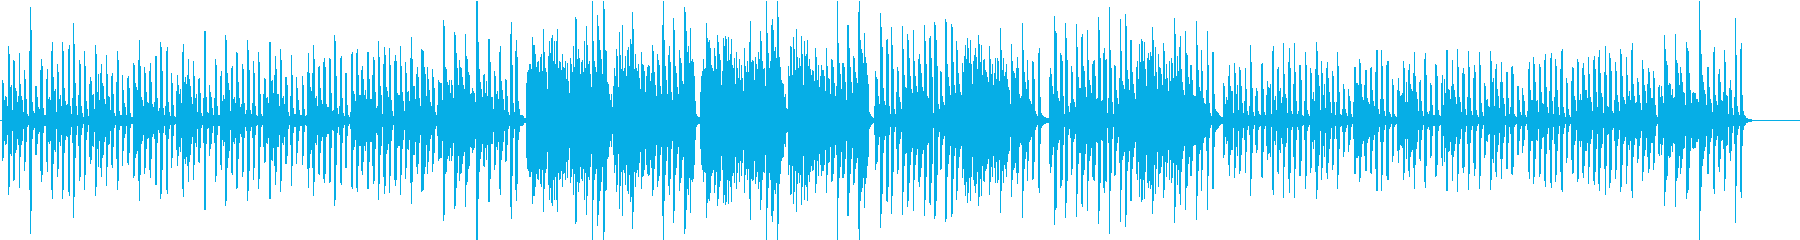 ゴセック/ガヴォット/へたっぴバイオリンの再生済みの波形